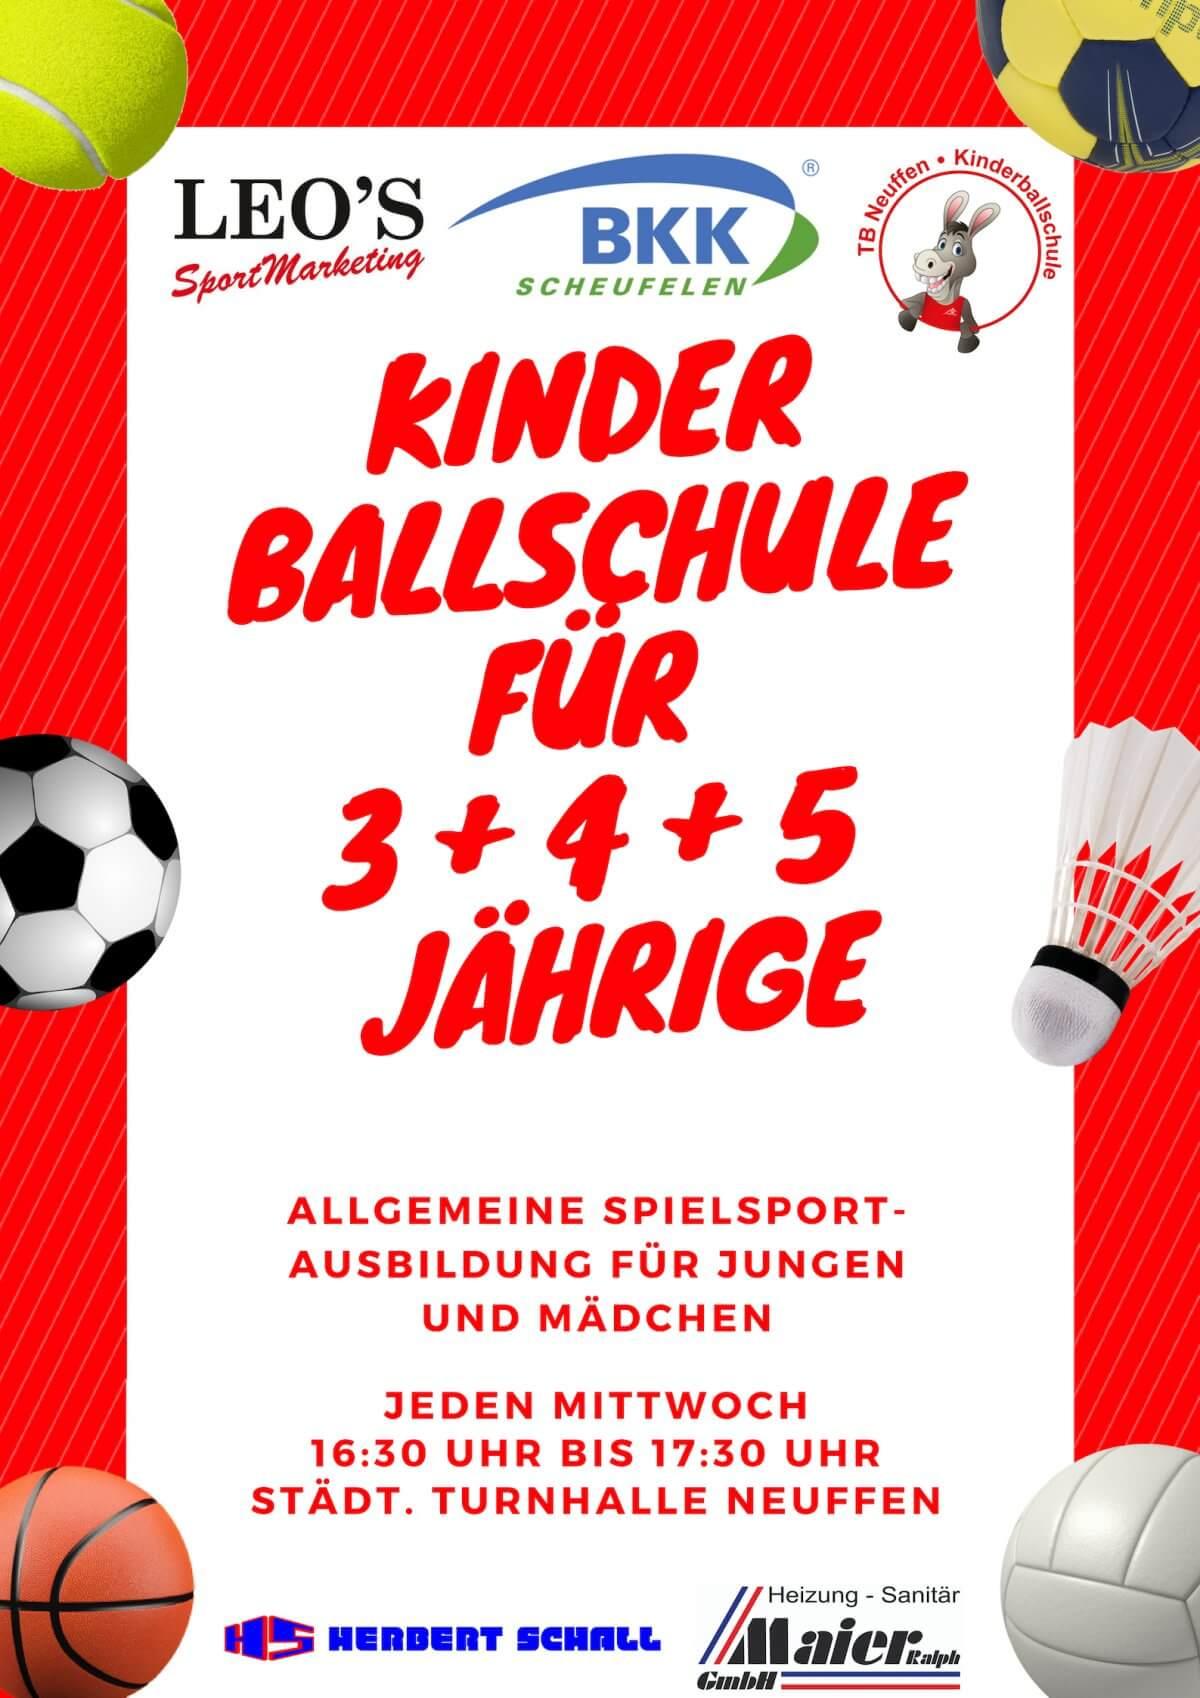 2019 02 14 Ballschule Plakat Inkl. Sponsoren